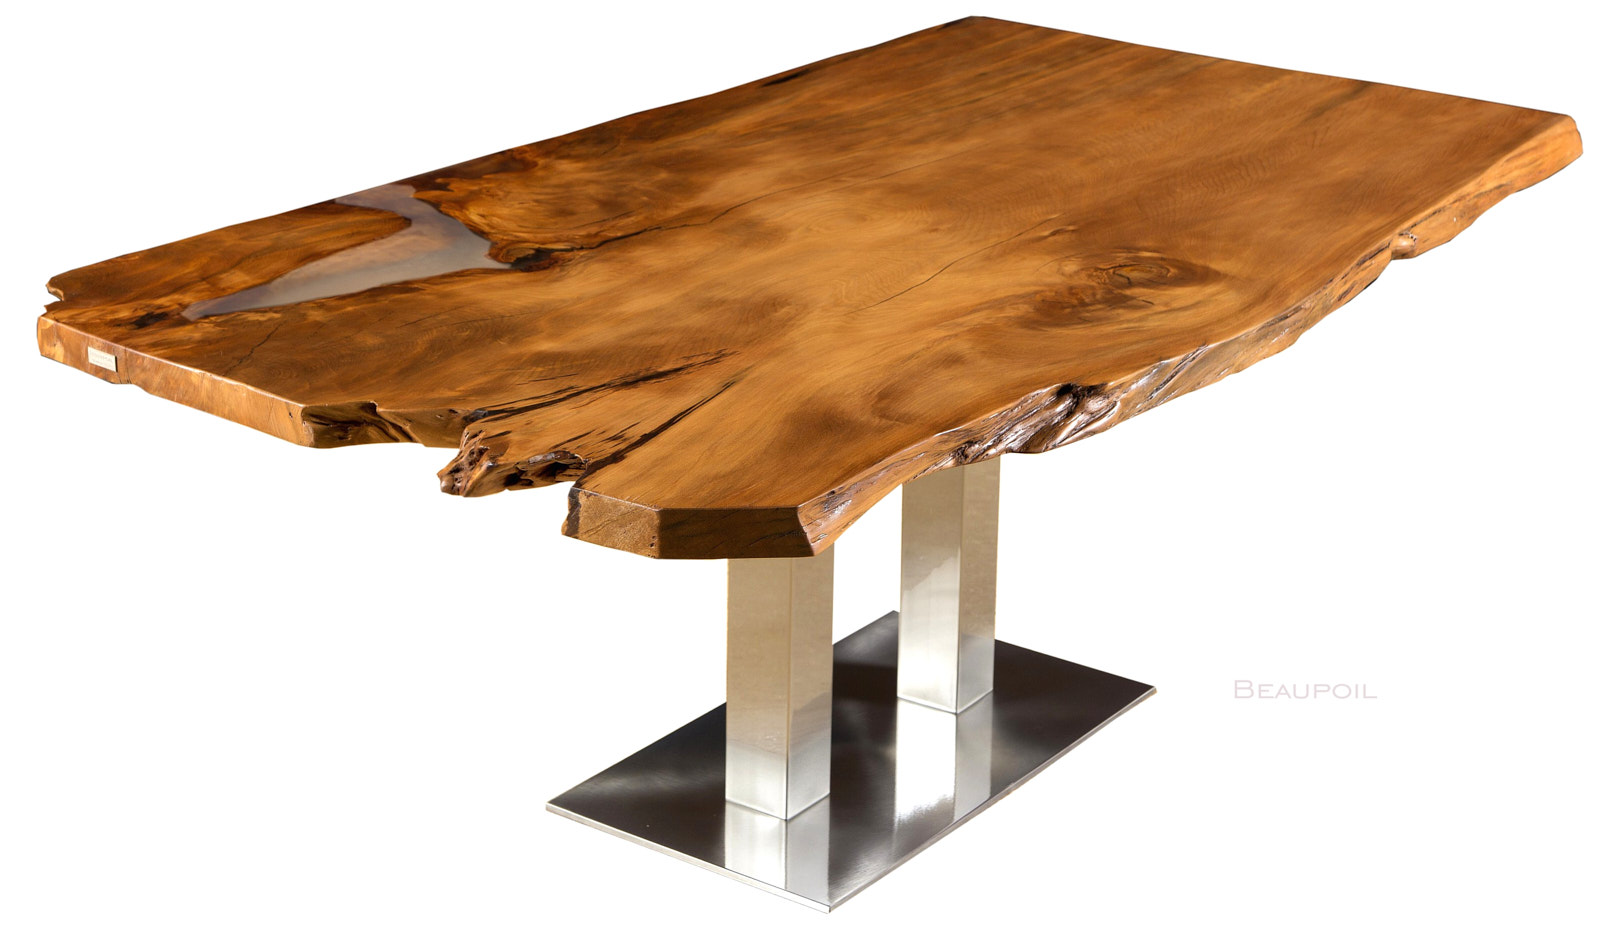 Einzigartiger Kauri Holztisch und archaischer Charaktertisch mit organischen Naturkanten und Edelstahl Fußgestell, Esstisch aus Wurzel und Stamm